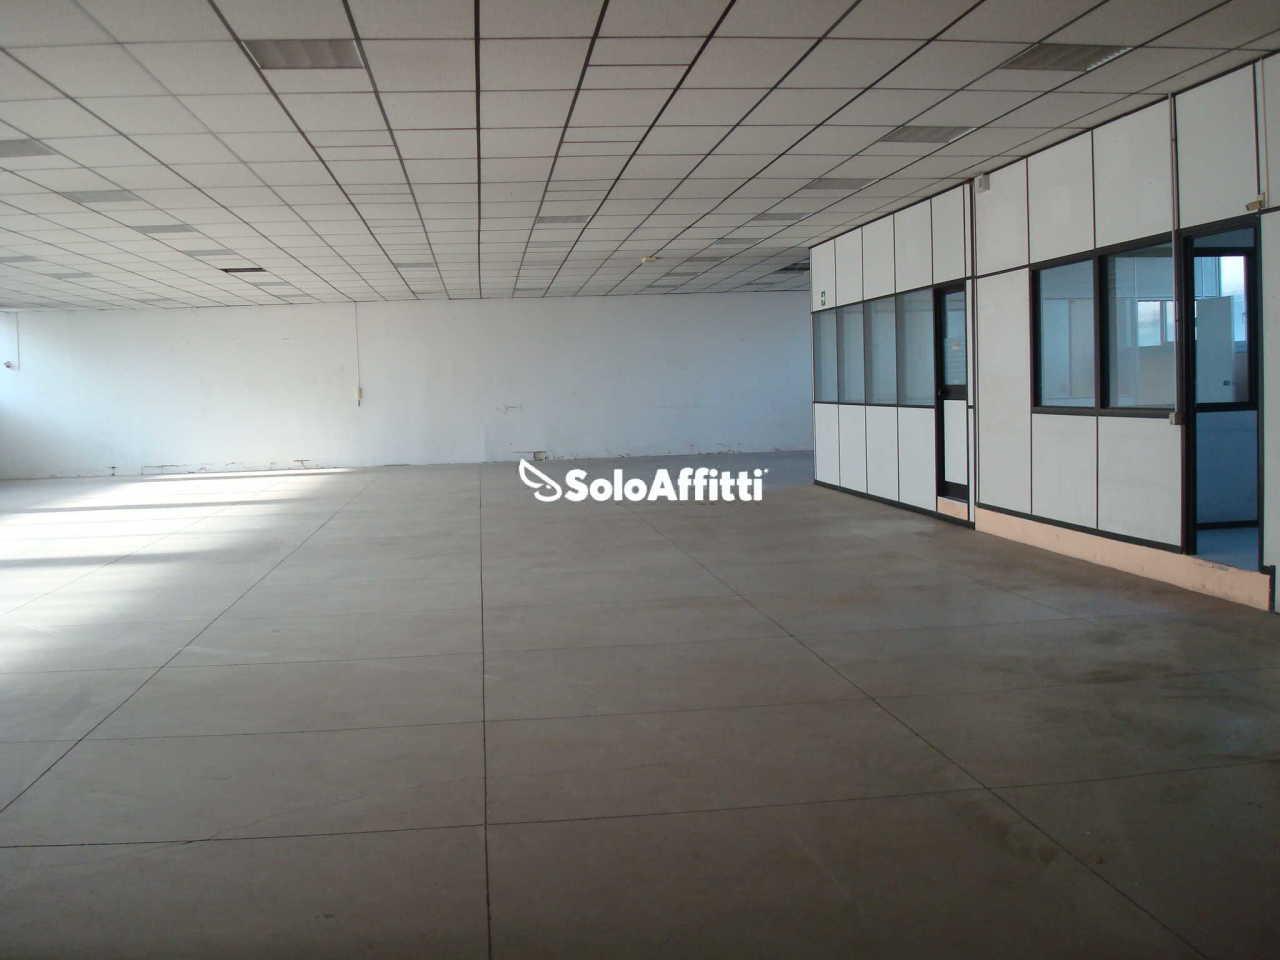 Ufficio diviso in ambienti/locali in affitto - 200 mq